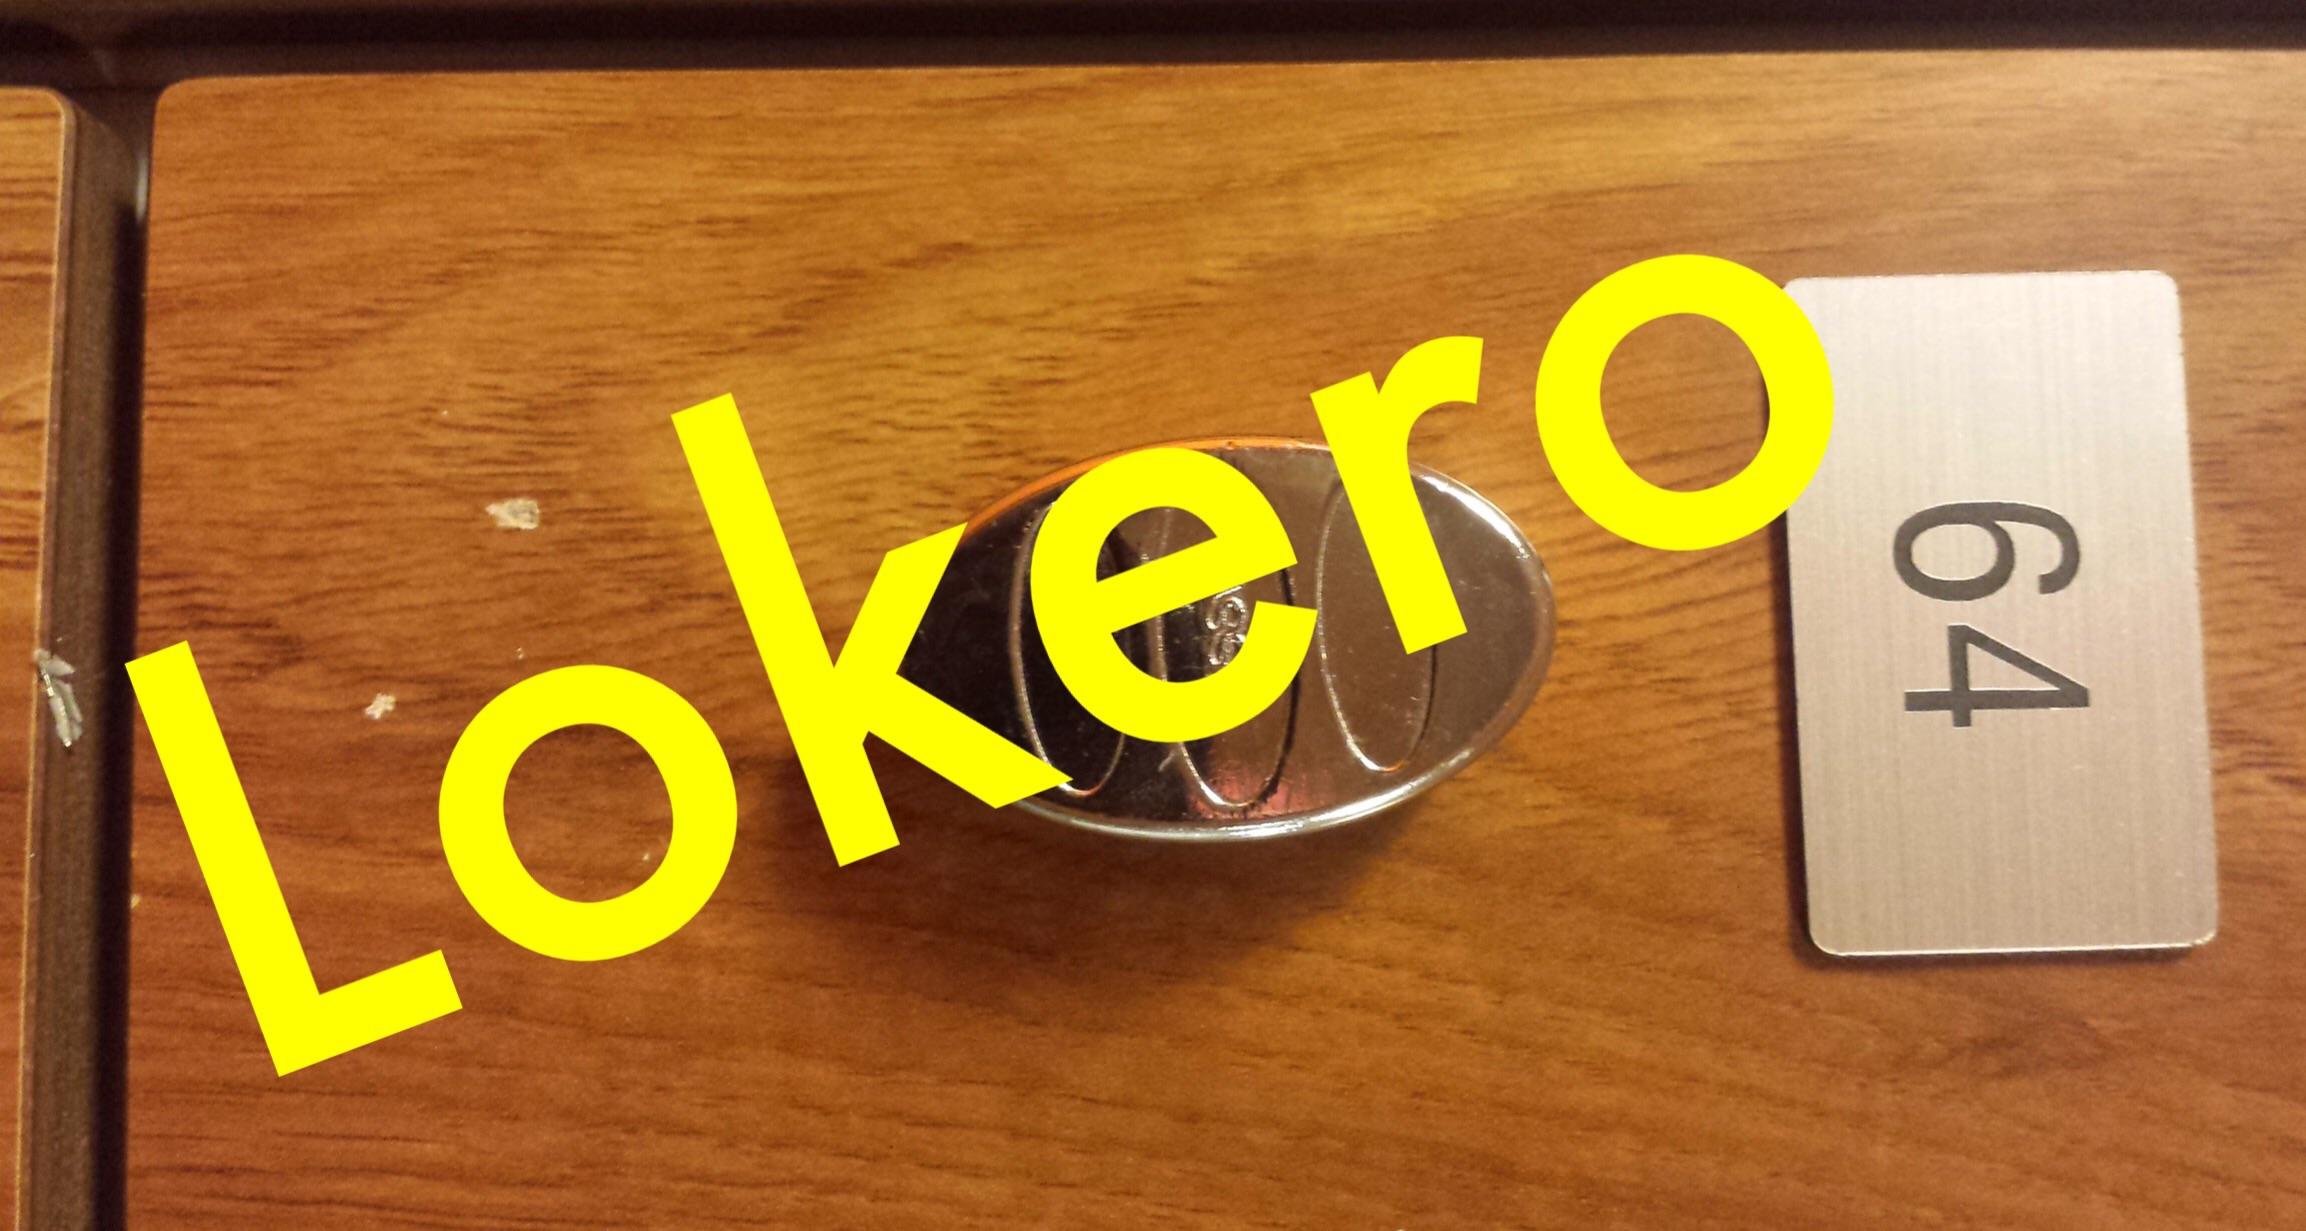 Lokero64